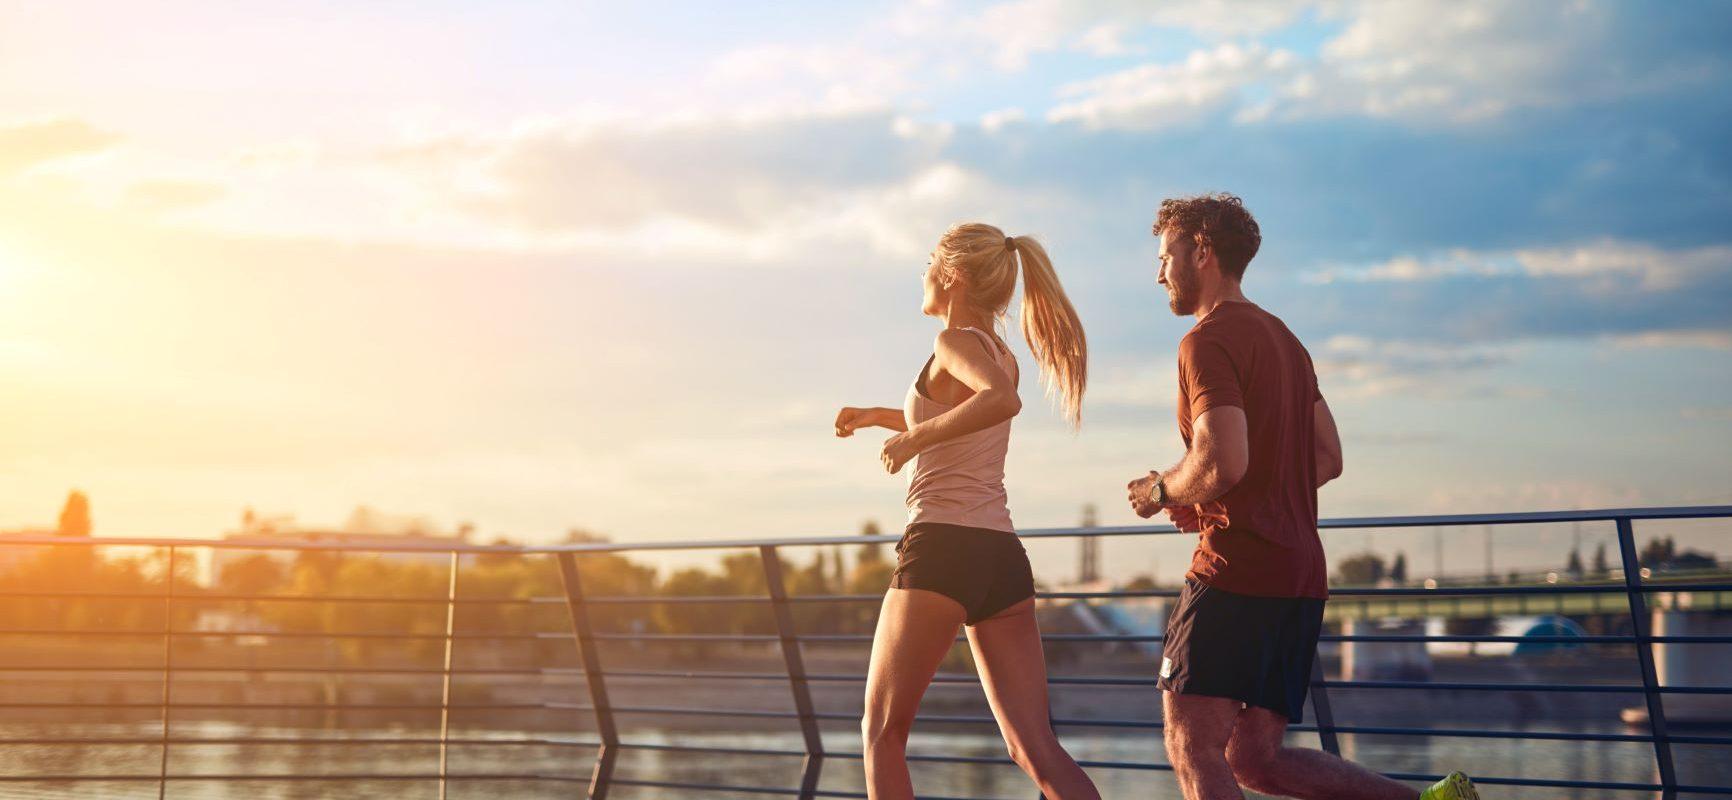 Regularna aktywność fizyczna wspiera pracę mózgu.